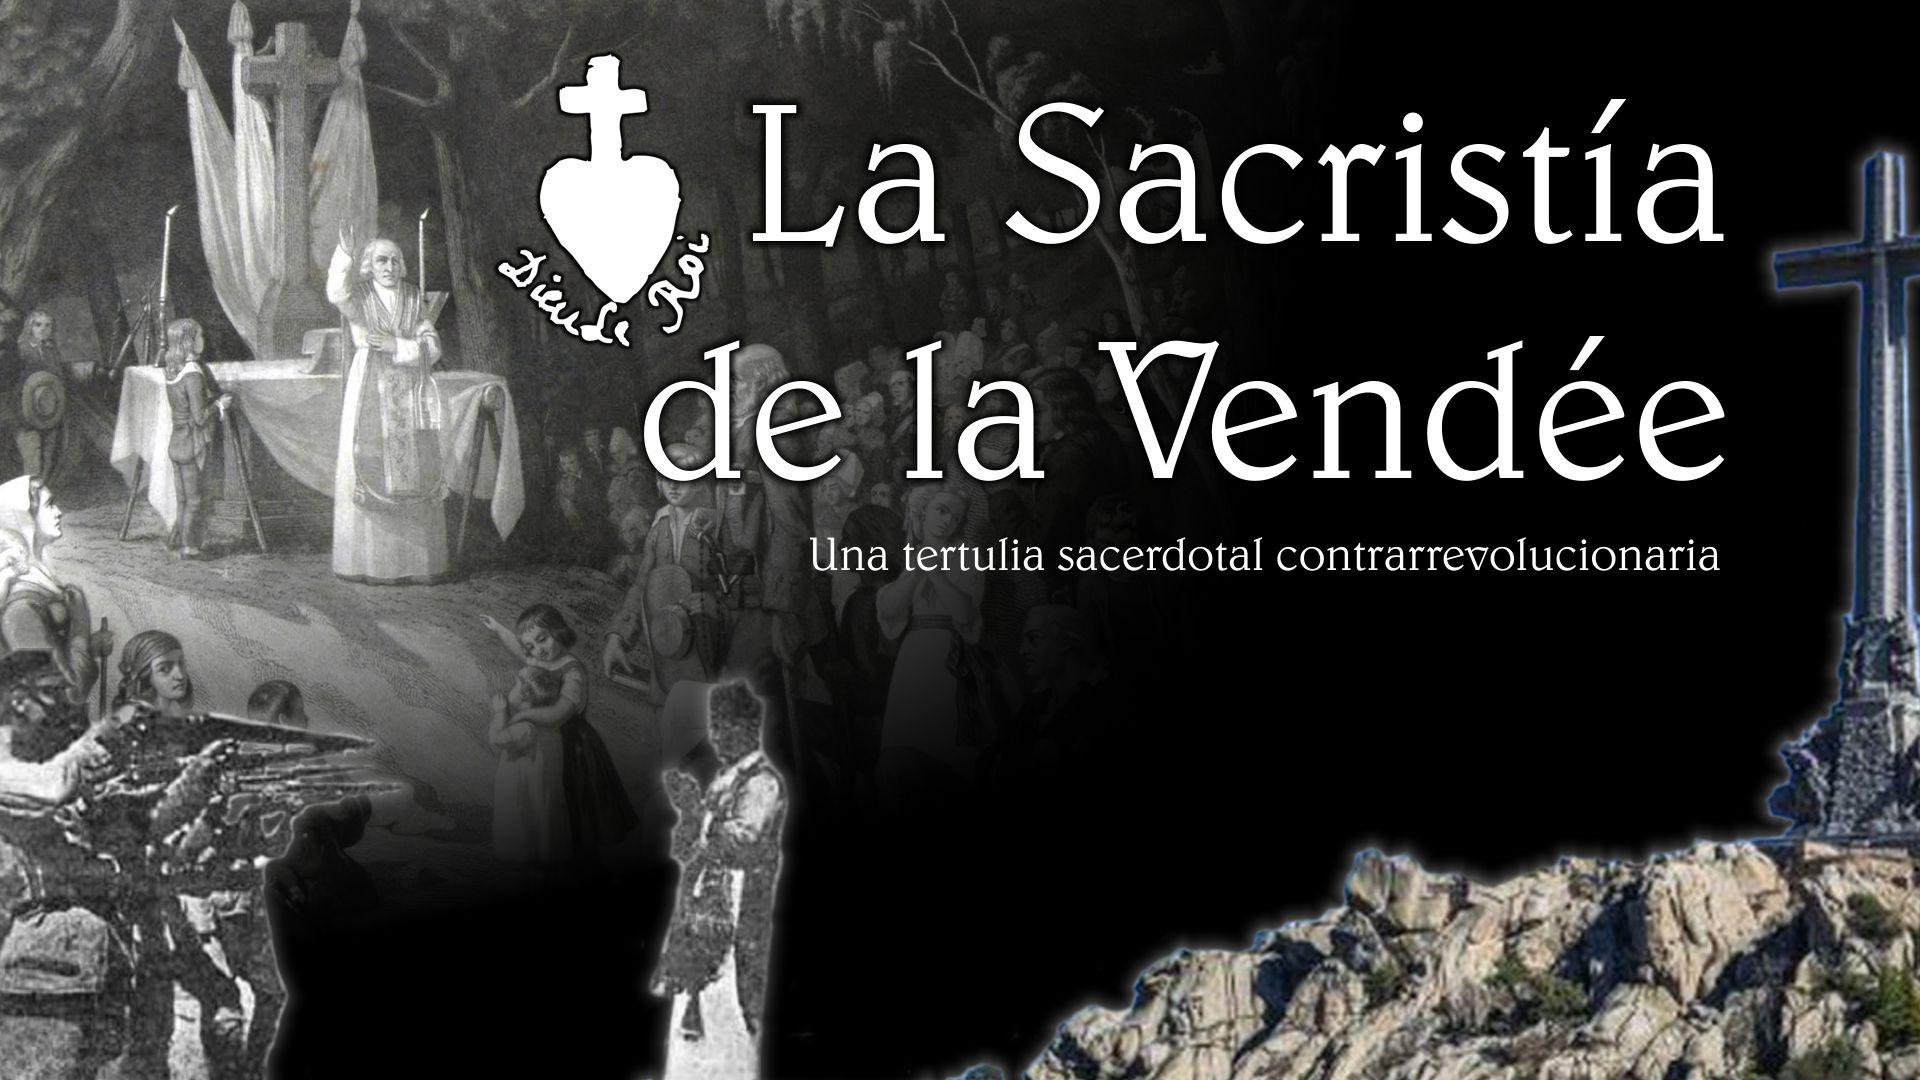 La Sacristía de la Vendée